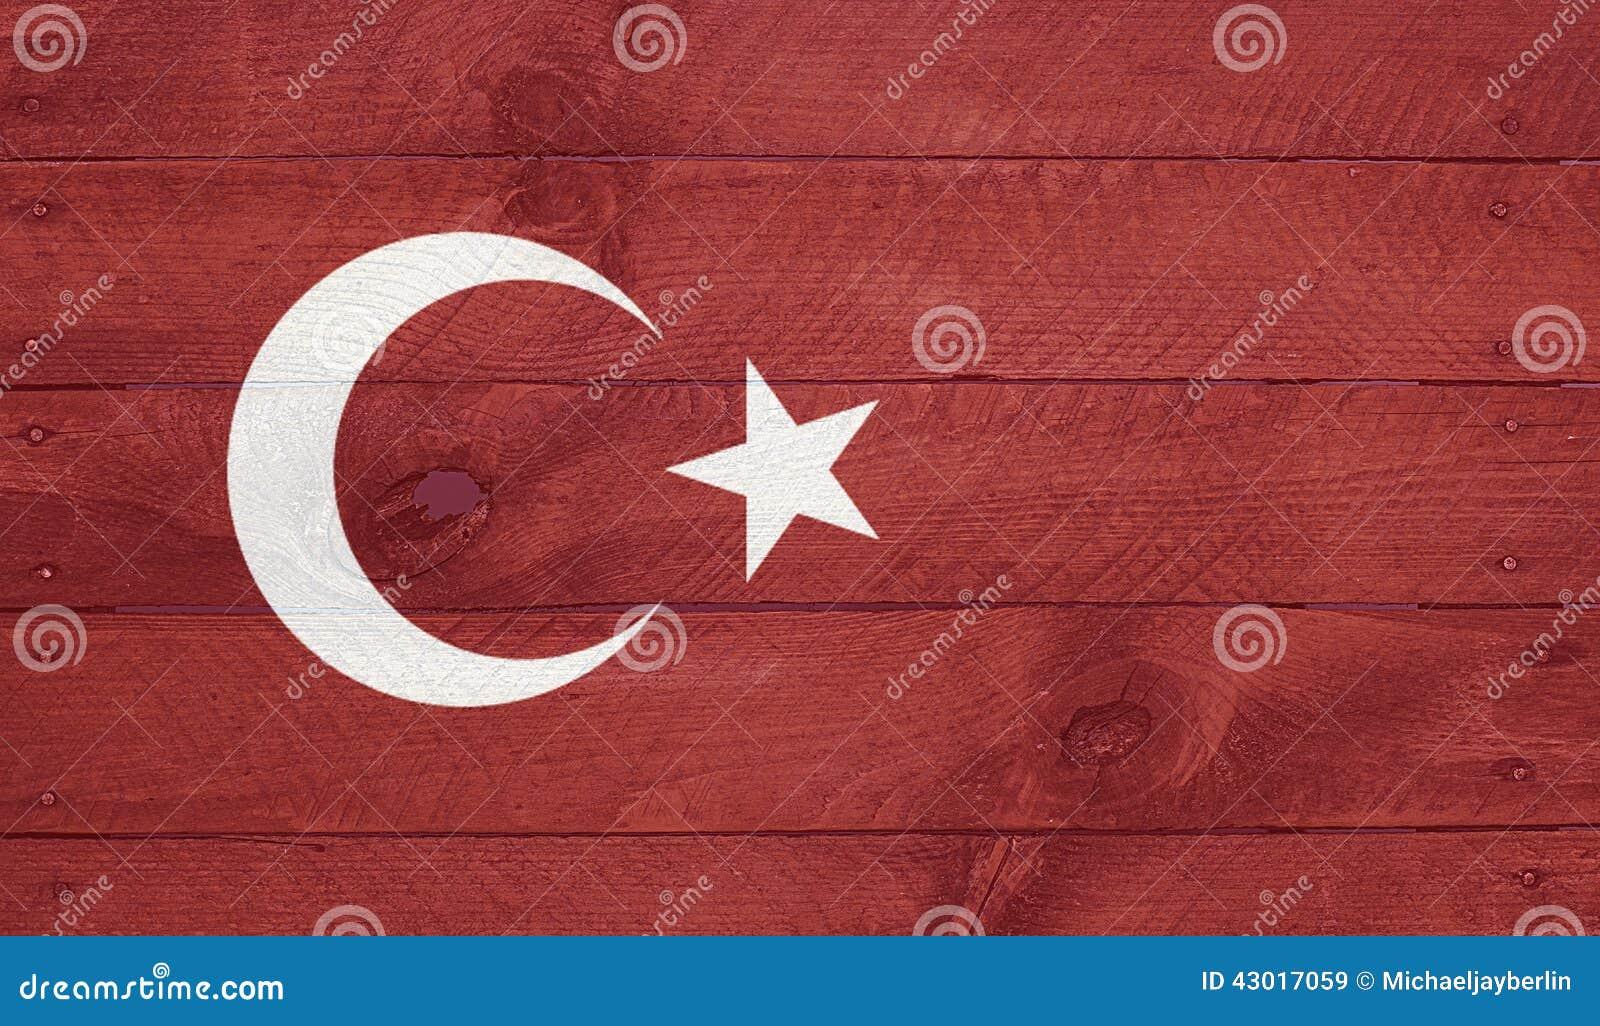 Σημαία της Τουρκίας στους ξύλινους πίνακες με τα καρφιά